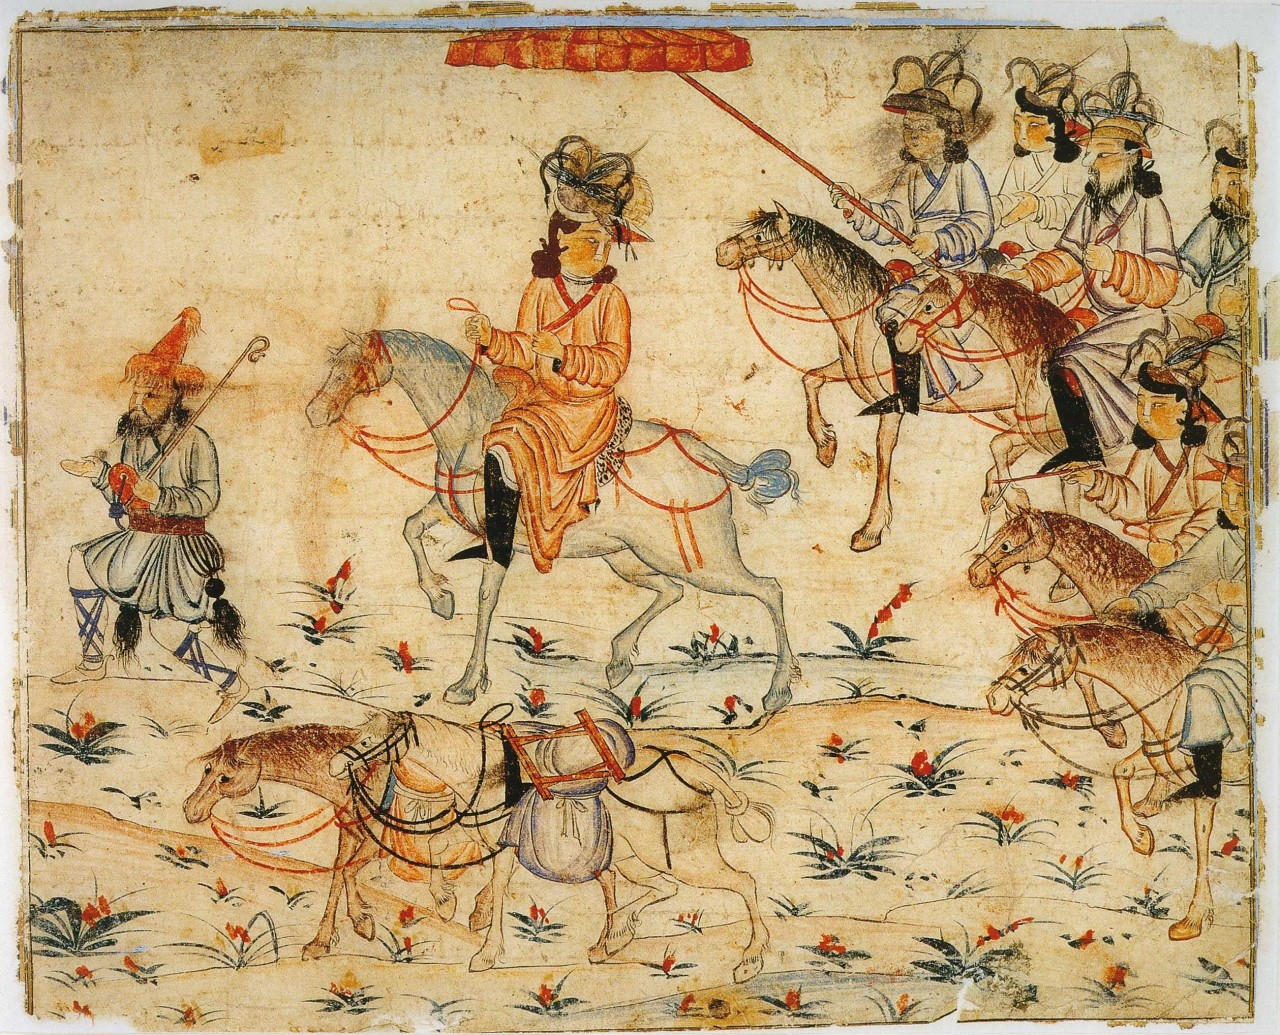 Уничтожение монголами государства исмаилитов в Иране